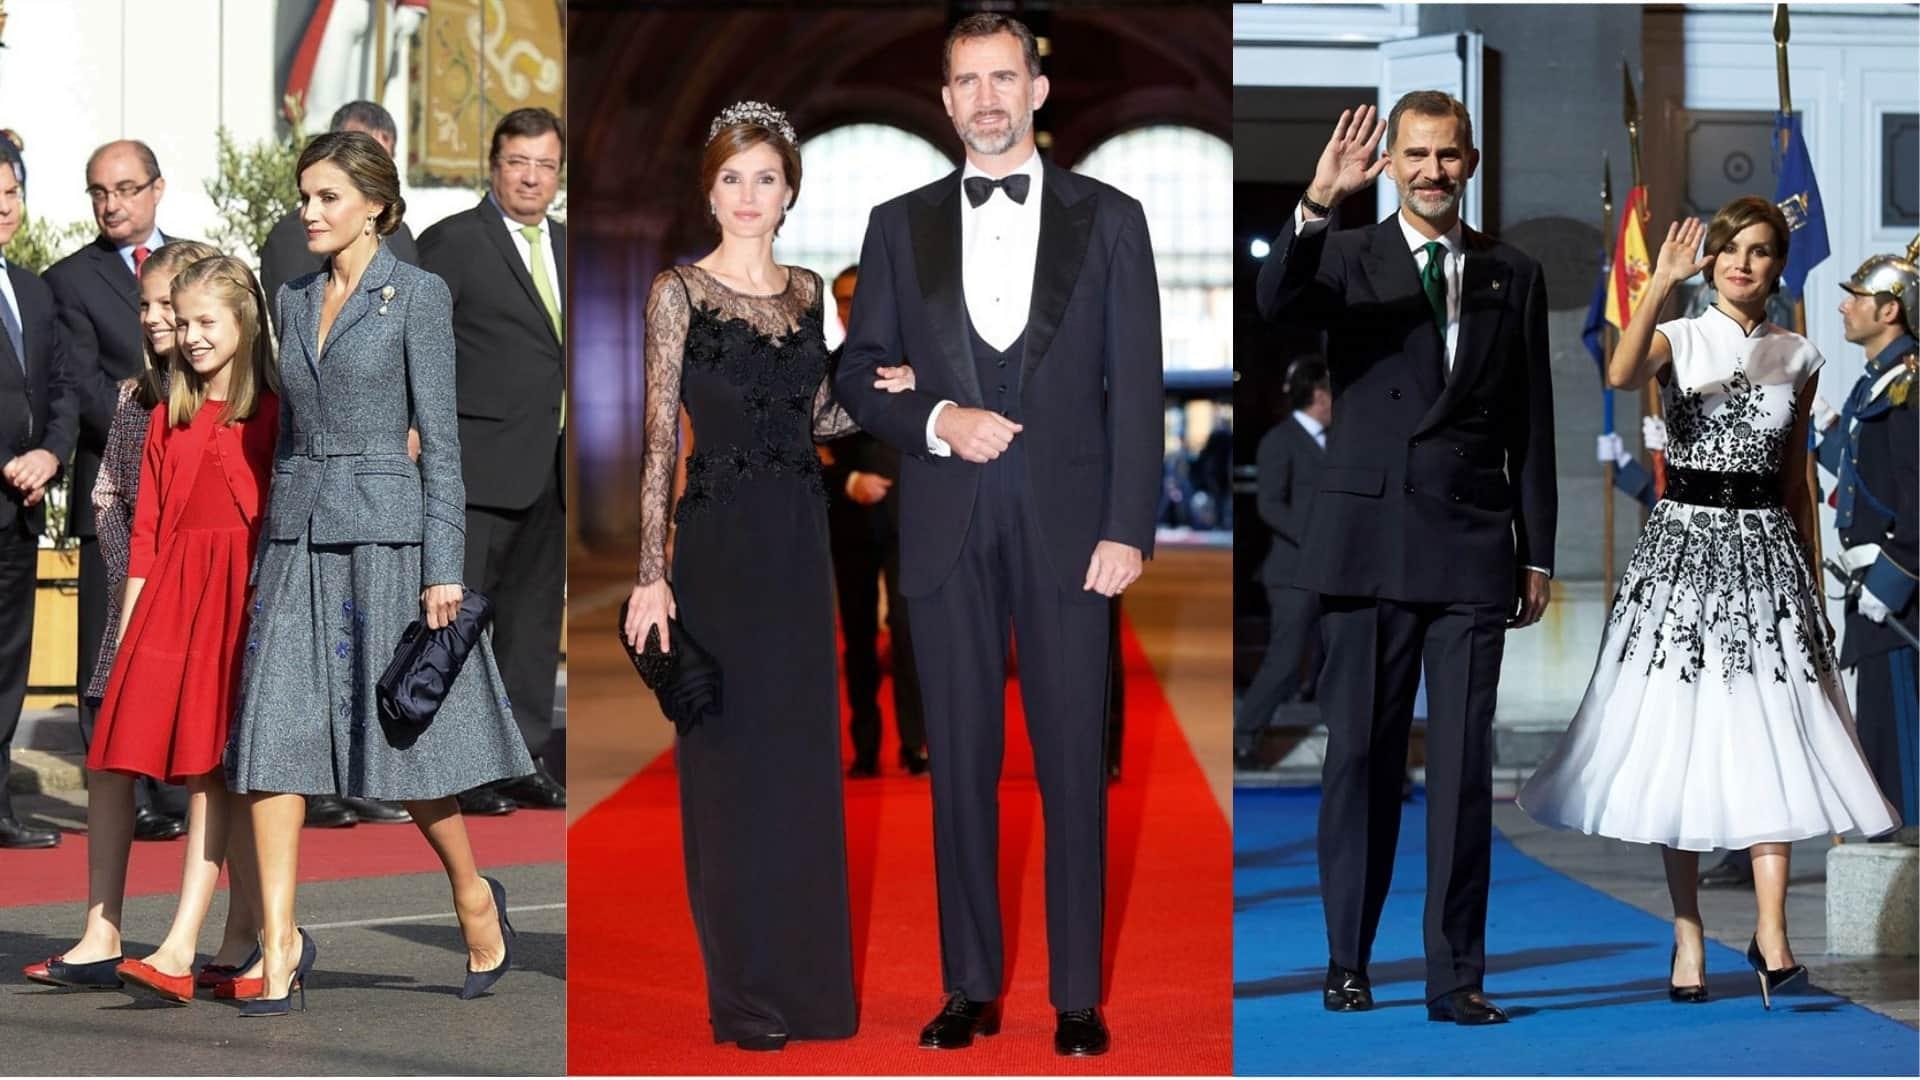 Gọi tên những biểu tượng thời trang Hoàng gia thế giới, có người mặc đẹp lấn át Công nương Kate - 15